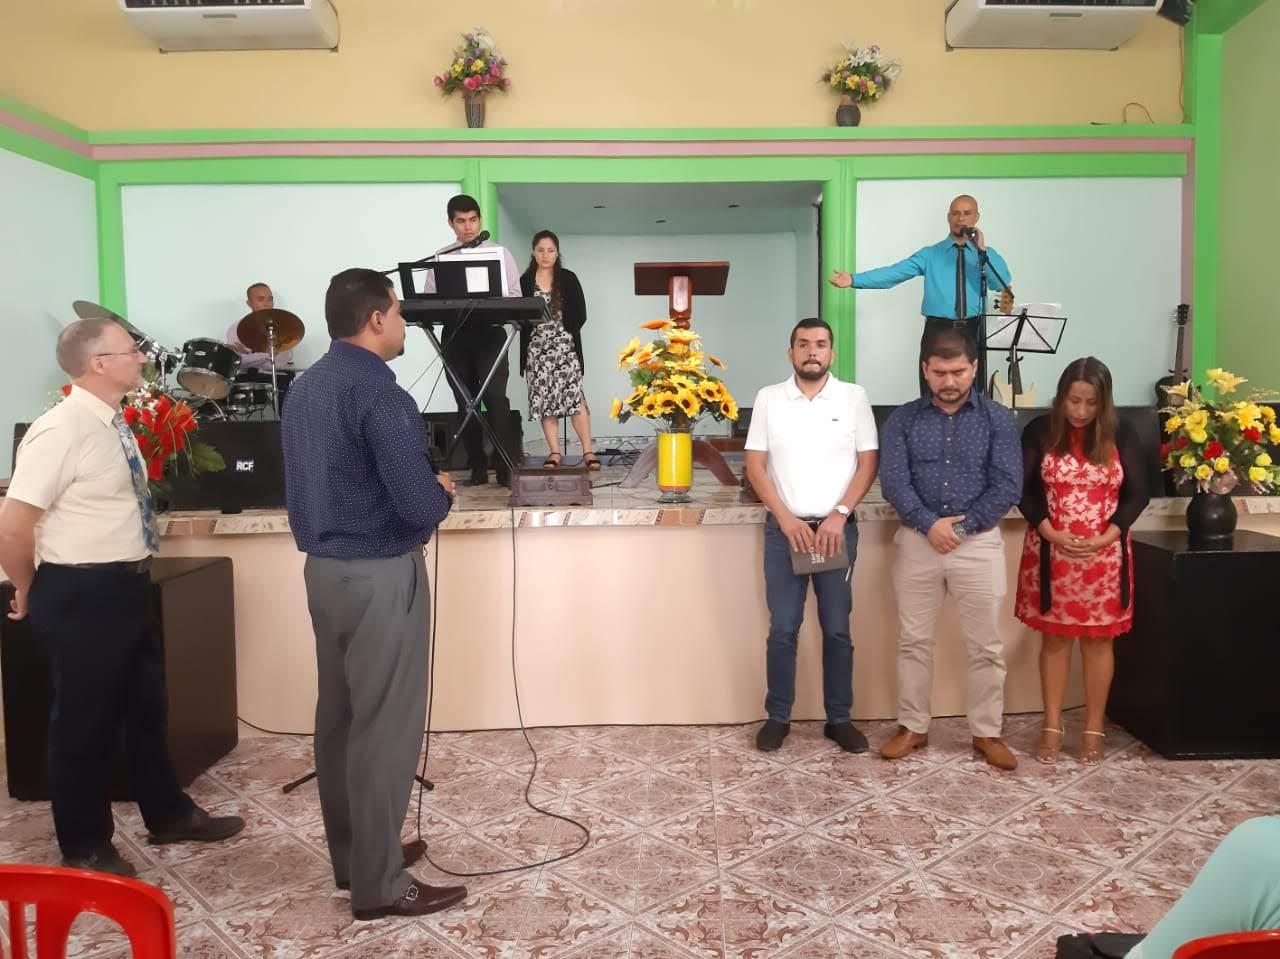 Pastor Jordan leitet den Segnungsteil...